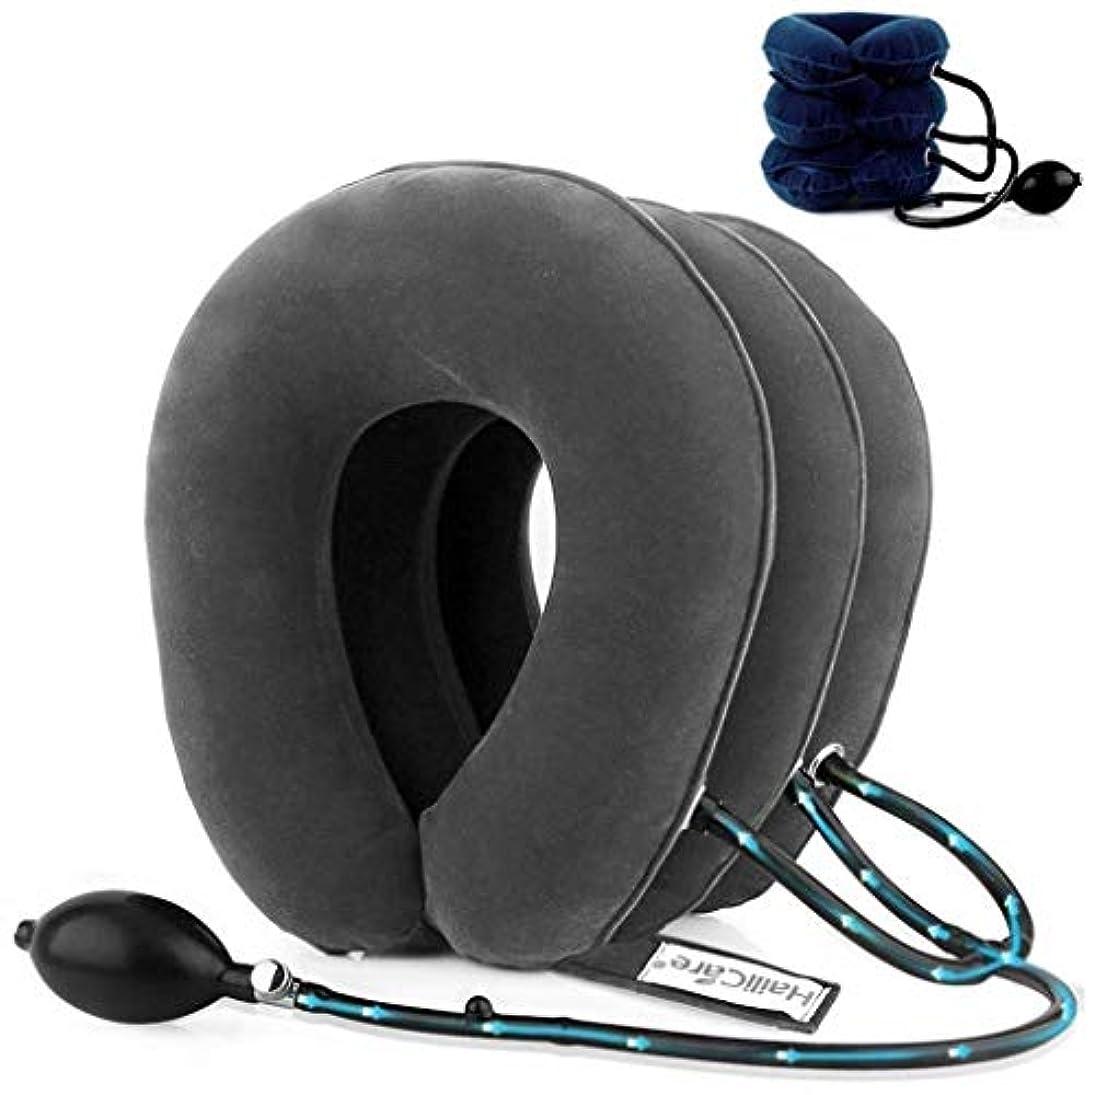 影のある他の場所帝国首のマッサージャー、膨脹可能なマッサージの首の枕、頚部牽引装置、背部/肩の首のマッサージャー、ヘルスケア、苦痛救助/圧力 (Color : Gray)